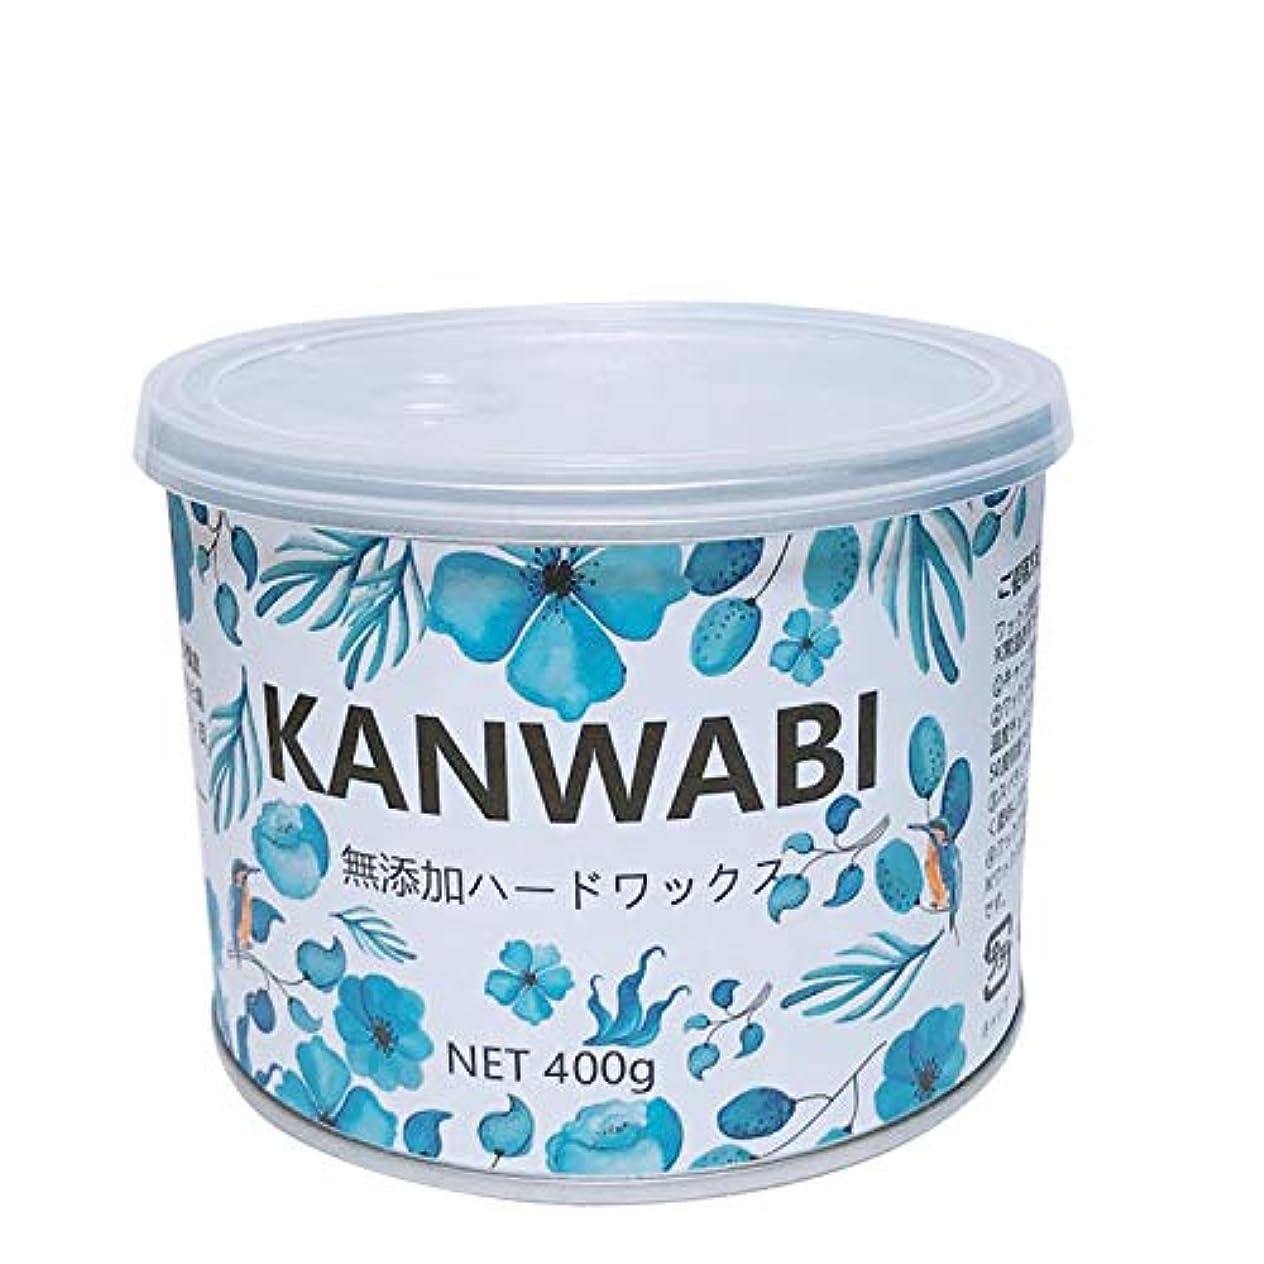 良さフロントすごいKANWABI 日本製脱毛ワックス ハードワックス400g